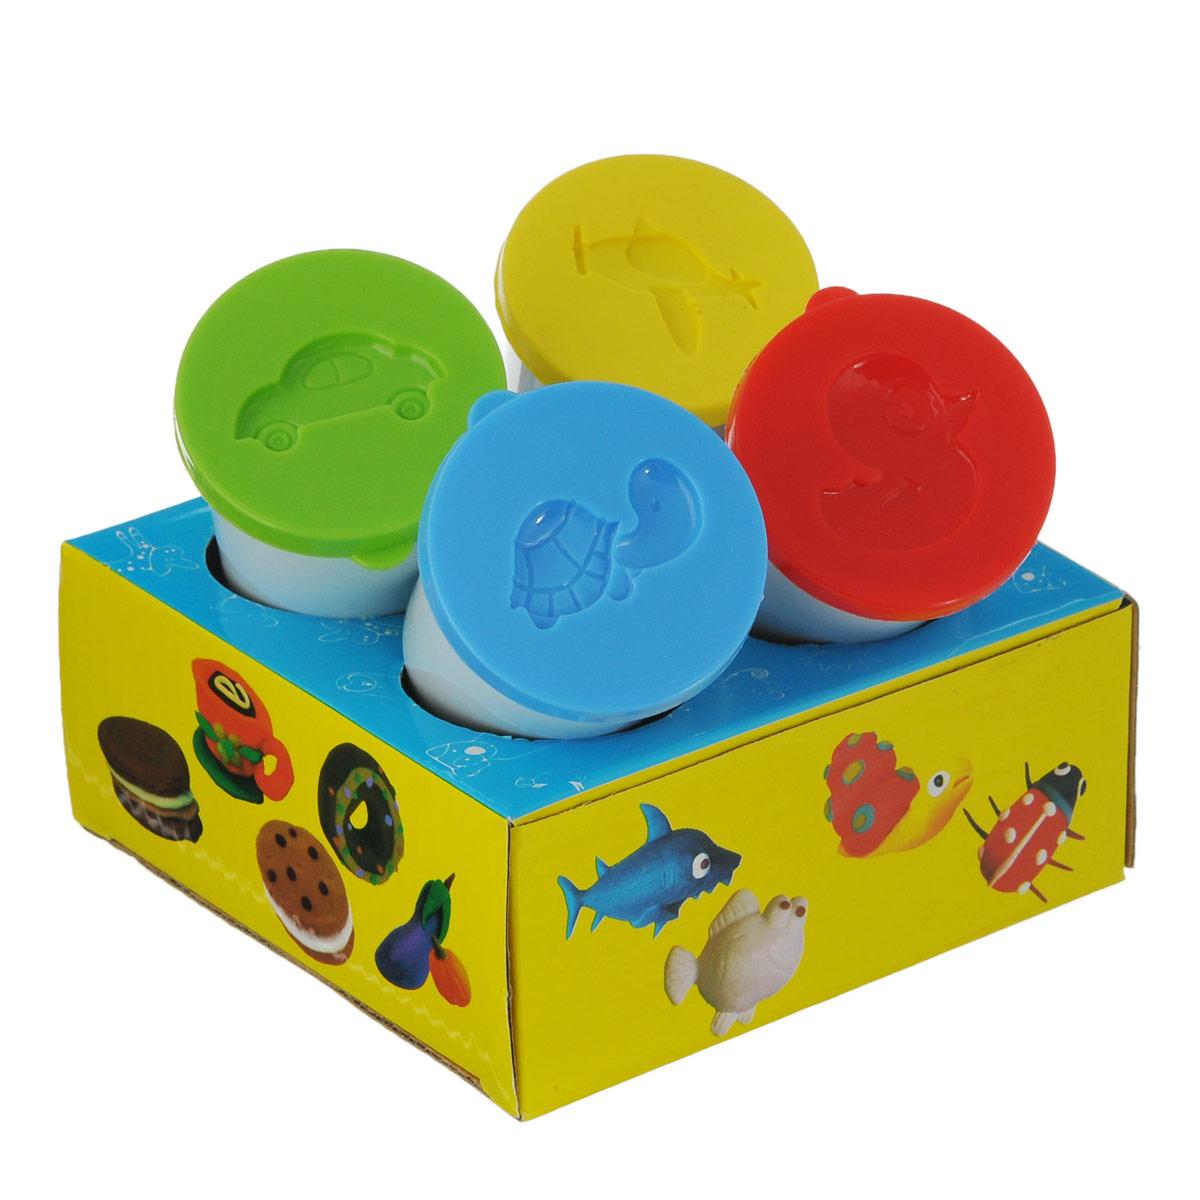 Тесто для лепки Centrum Hobby Kit: Color dough, 4 цвета83429Цветное тесто для лепки Centrum Hobby Kit: Color dough приведет в восторг вашего малыша. Тесто обладает удивительной пластичностью, не пачкается и не липнет к рукам и рабочей поверхности, очень податливо и принимает любые формы. Набор включает тесто 4 насыщенных цветов: красного, синего, желтого, зеленого, также имеются формочки в виде машинки, самолетика, черепашки, цыпленка. Цвета отлично смешиваются между собой, образуя новые оттенки. Тесто для лепки каждого цвета хранится в отдельной пластиковой баночке. Лепка из теста Centrum Hobby Kit: Color dough помогает малышам развить мелкую моторику рук, творческое мышление, фантазию и воображение, а также способствует самовыражению. 4 теста по 50 грамм.